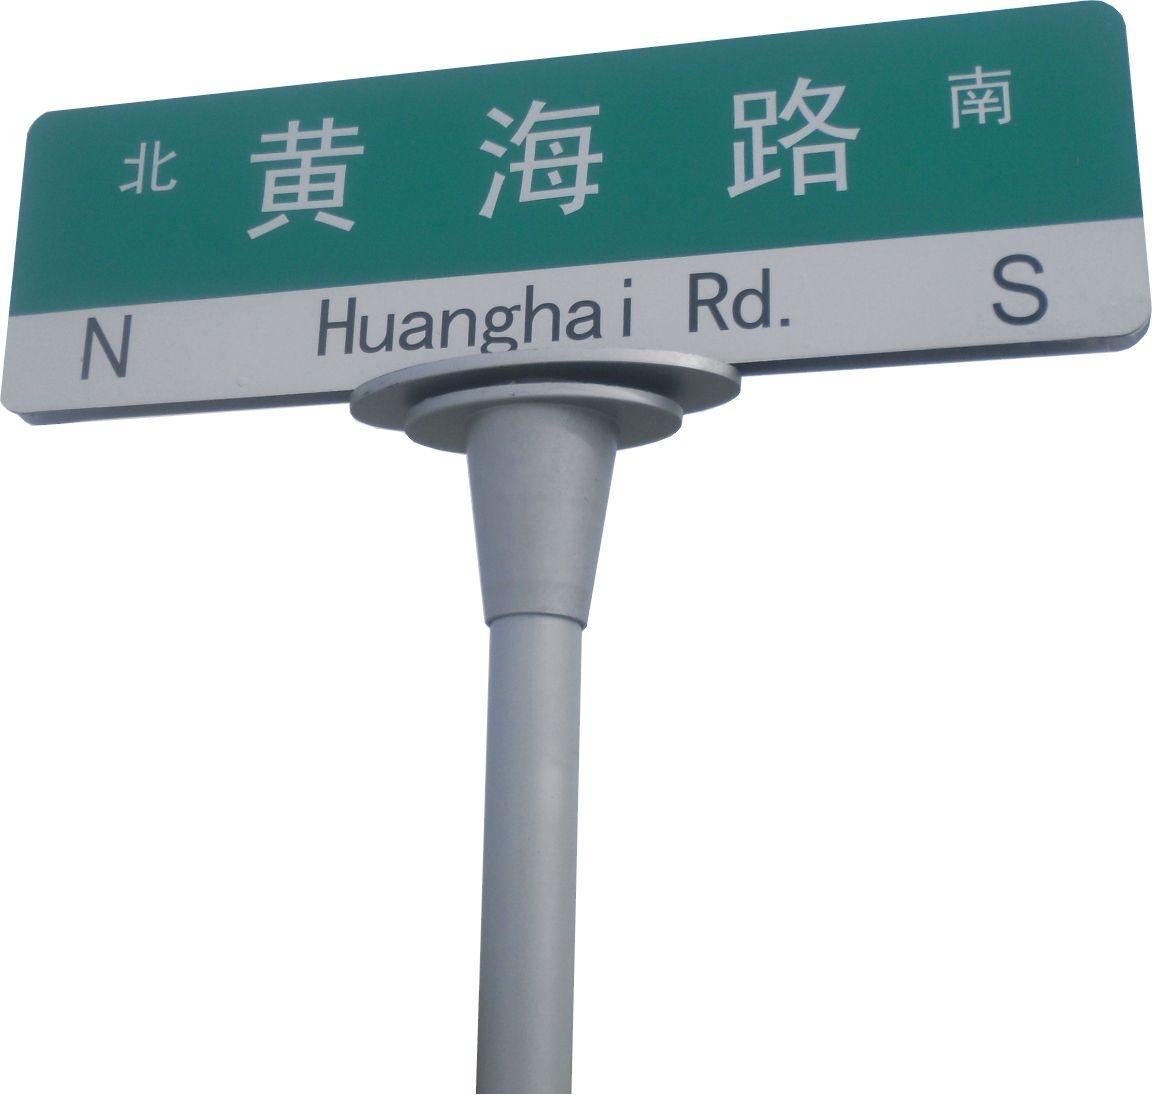 怀柔.乡.村街道路名牌可根据需求定制